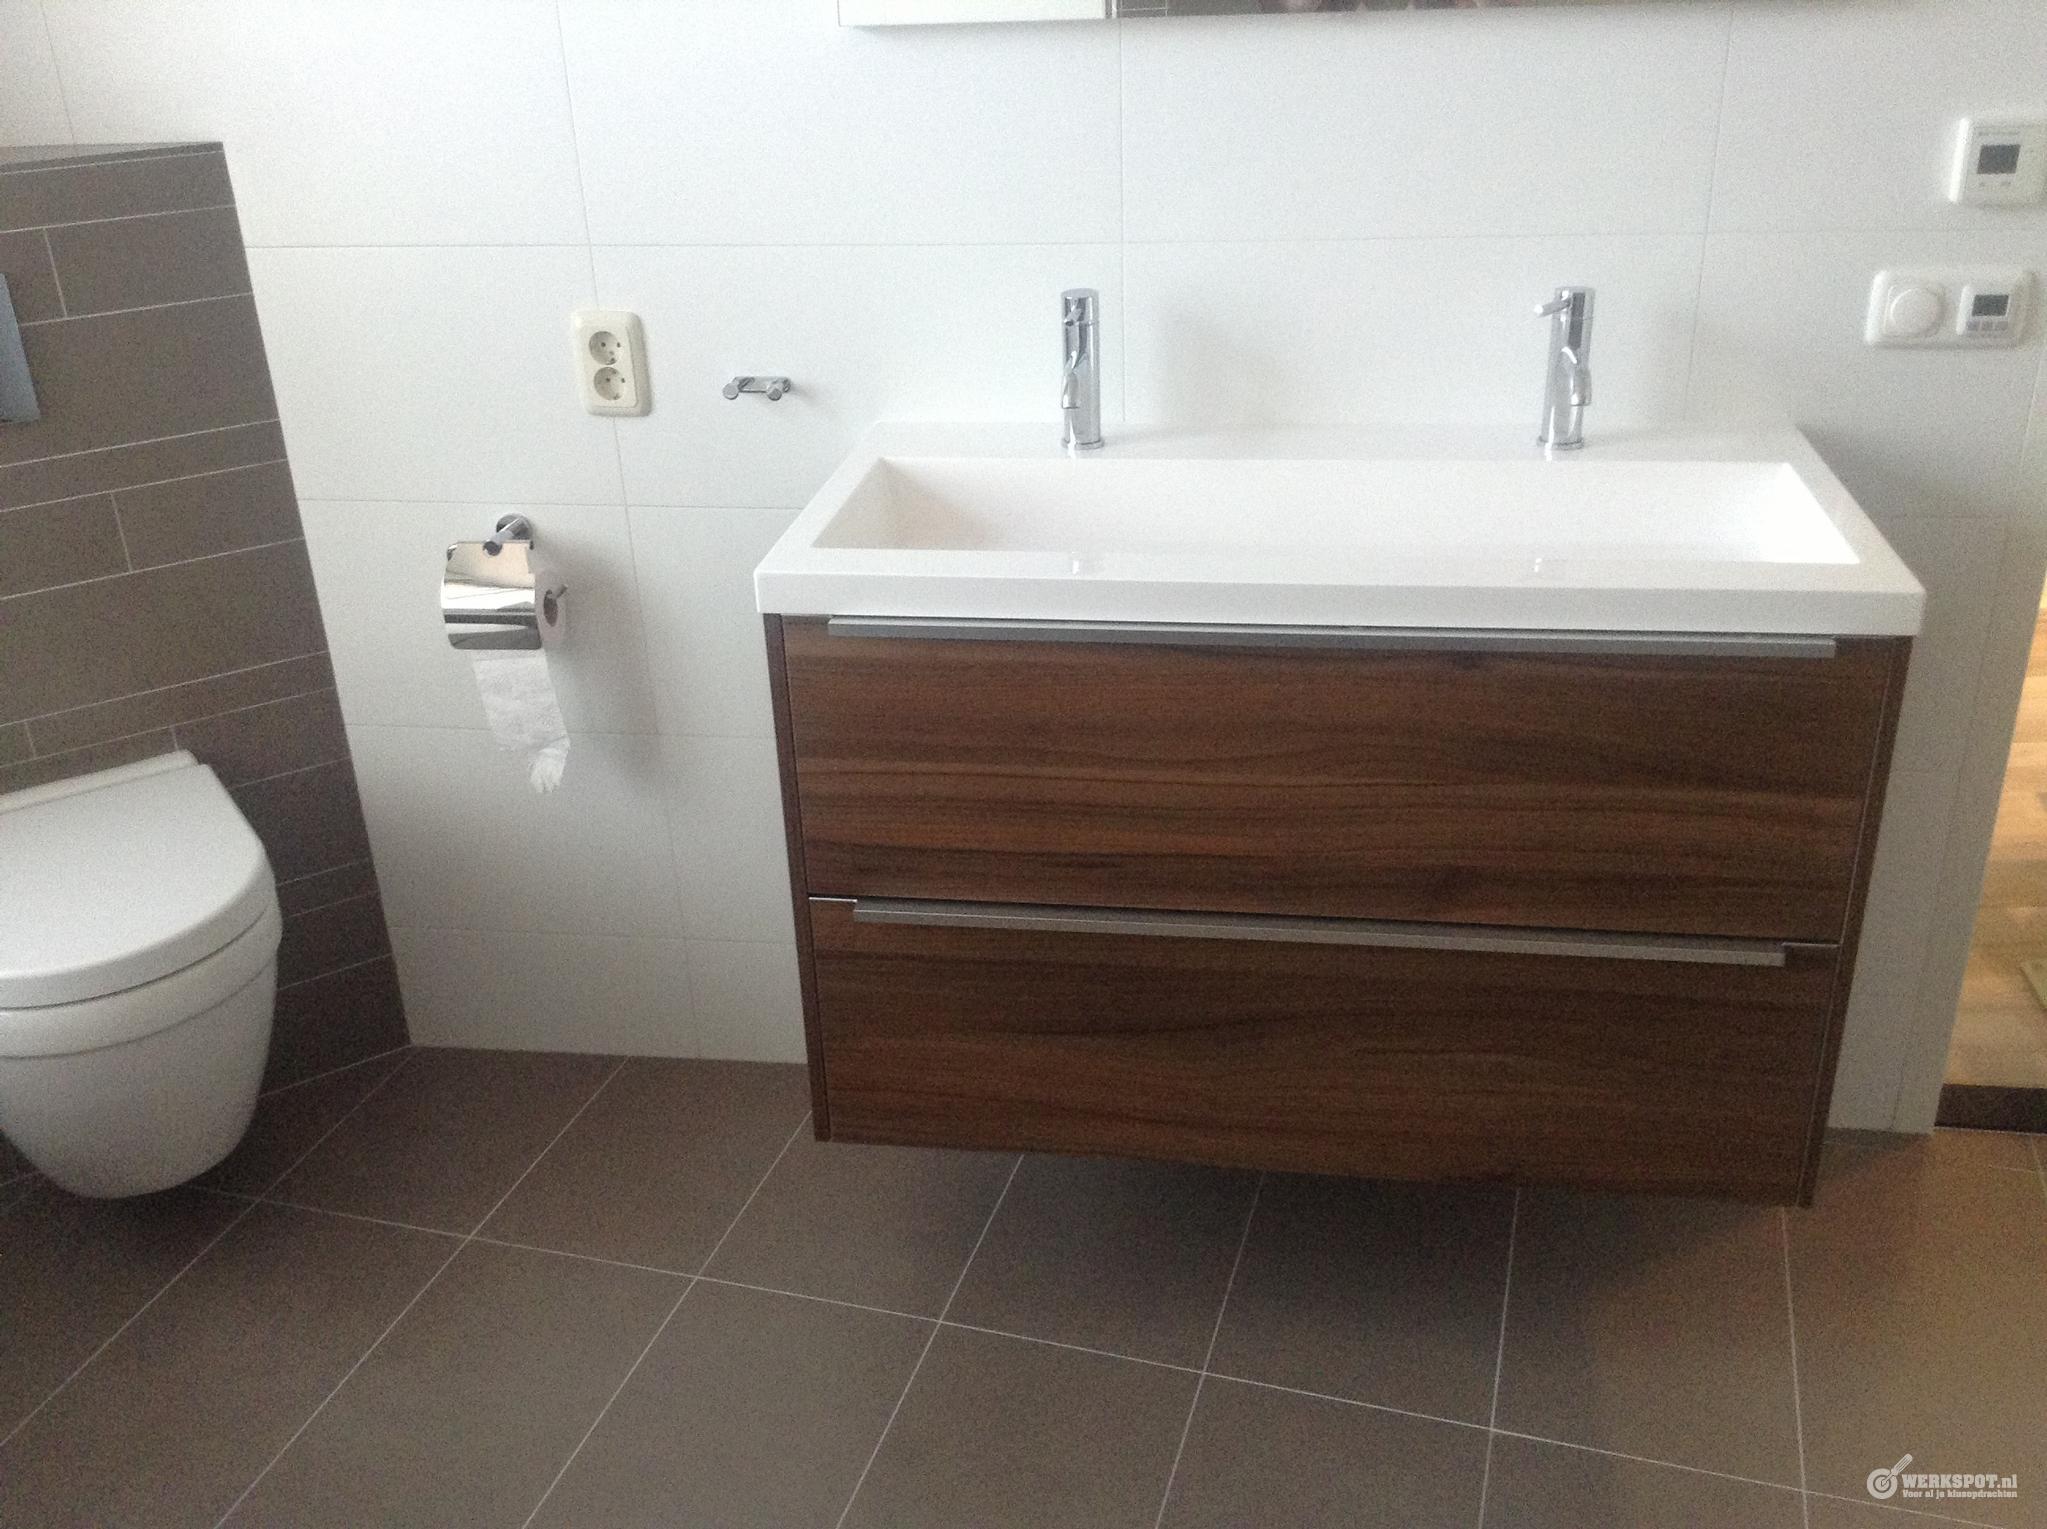 Badkamer Betegelen Ideeen : Badkamer installeren in nieuwbouwhuis werkspot